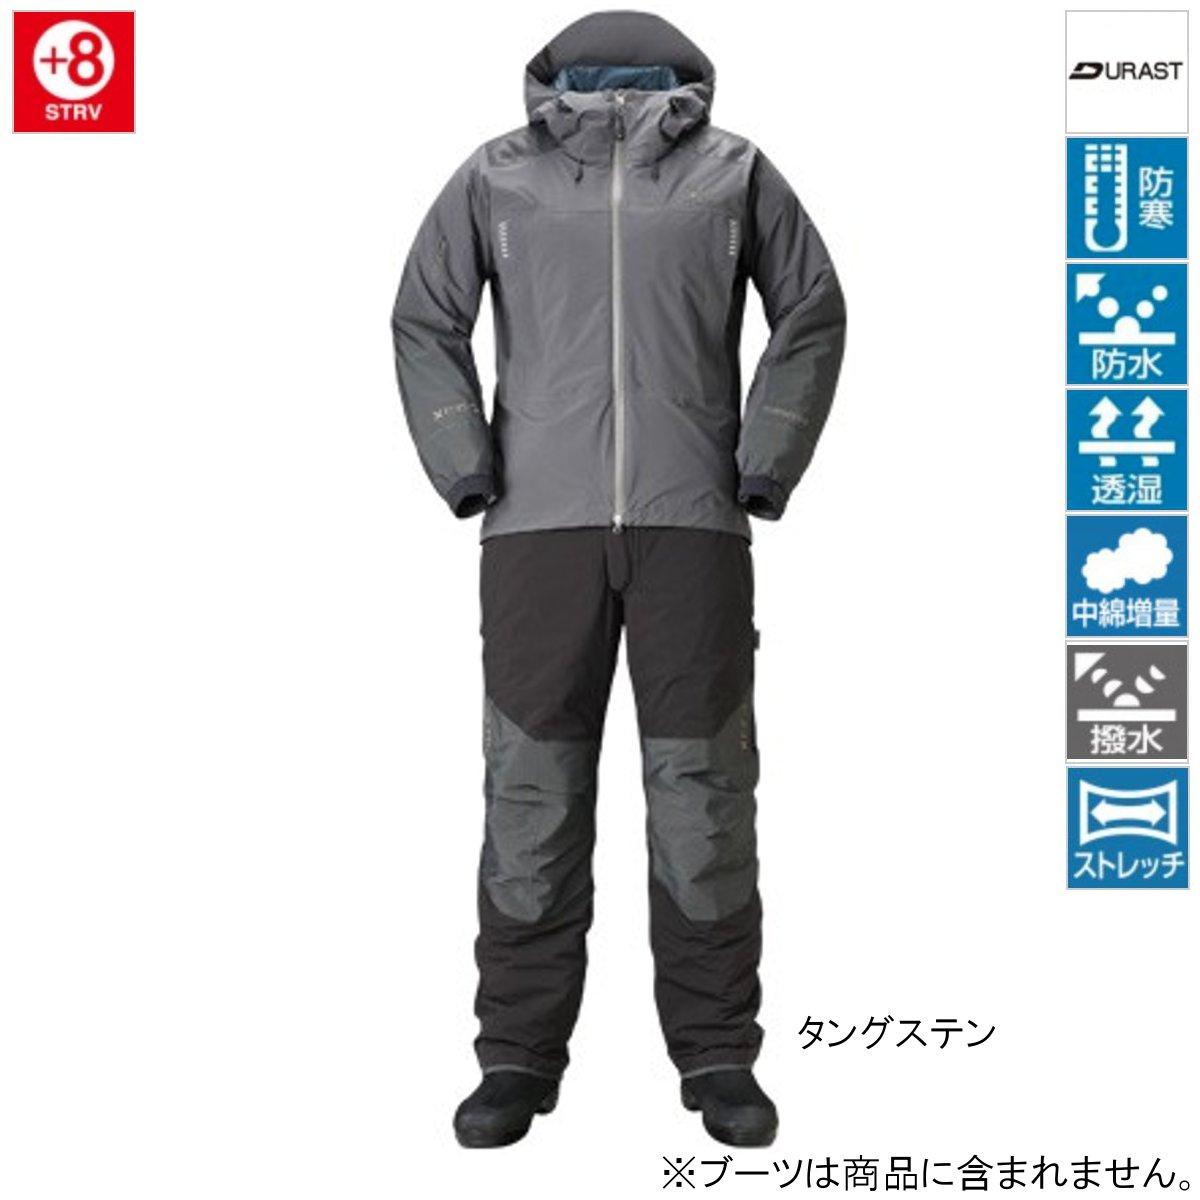 シマノ XEFO ストレッチ ウォームスーツ RB-224R 2XL タングステン【送料無料】